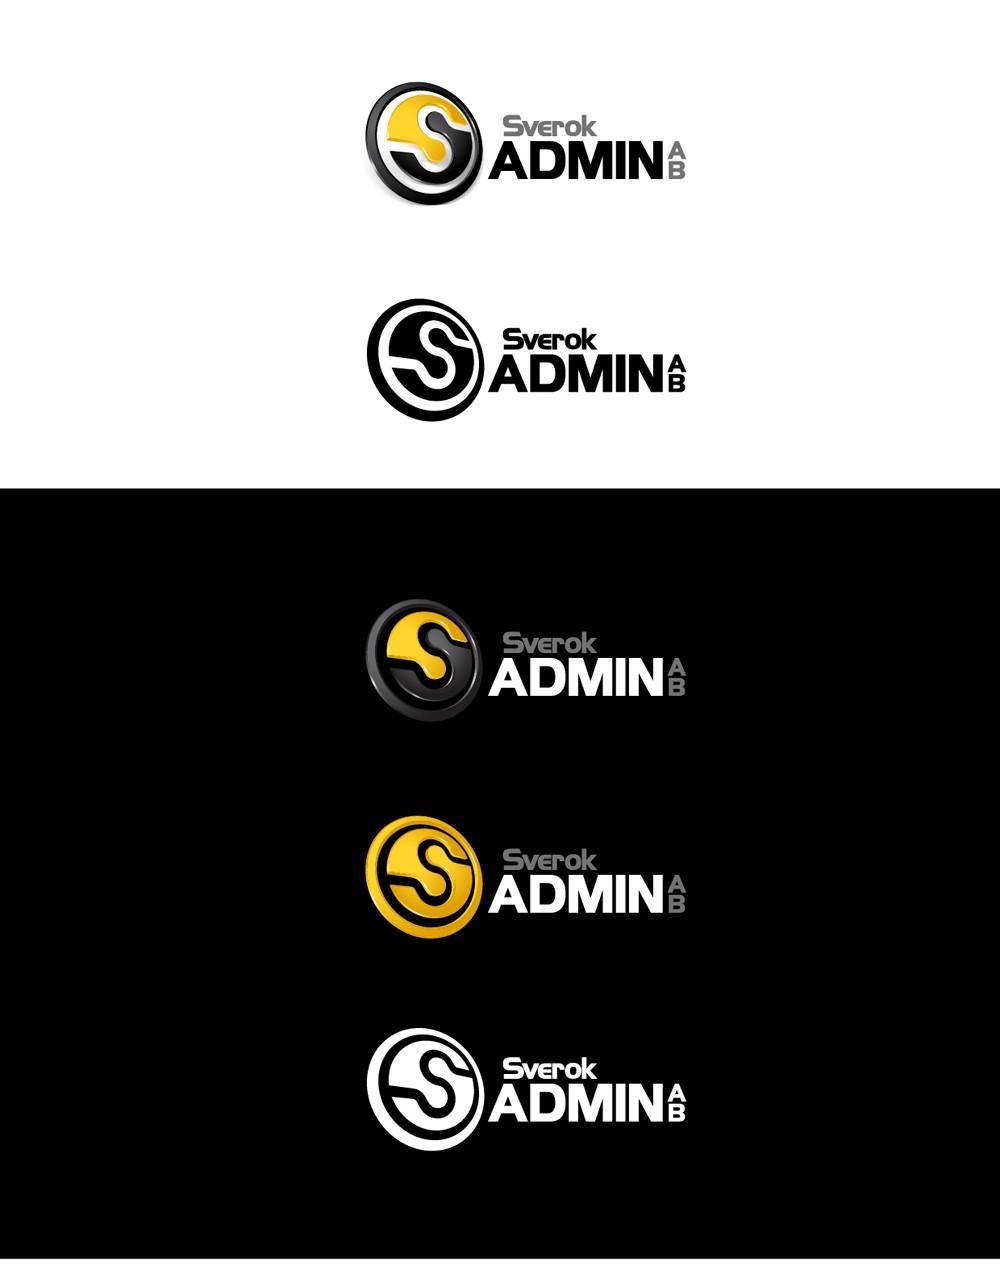 Create the logo for Sverok Admin AB